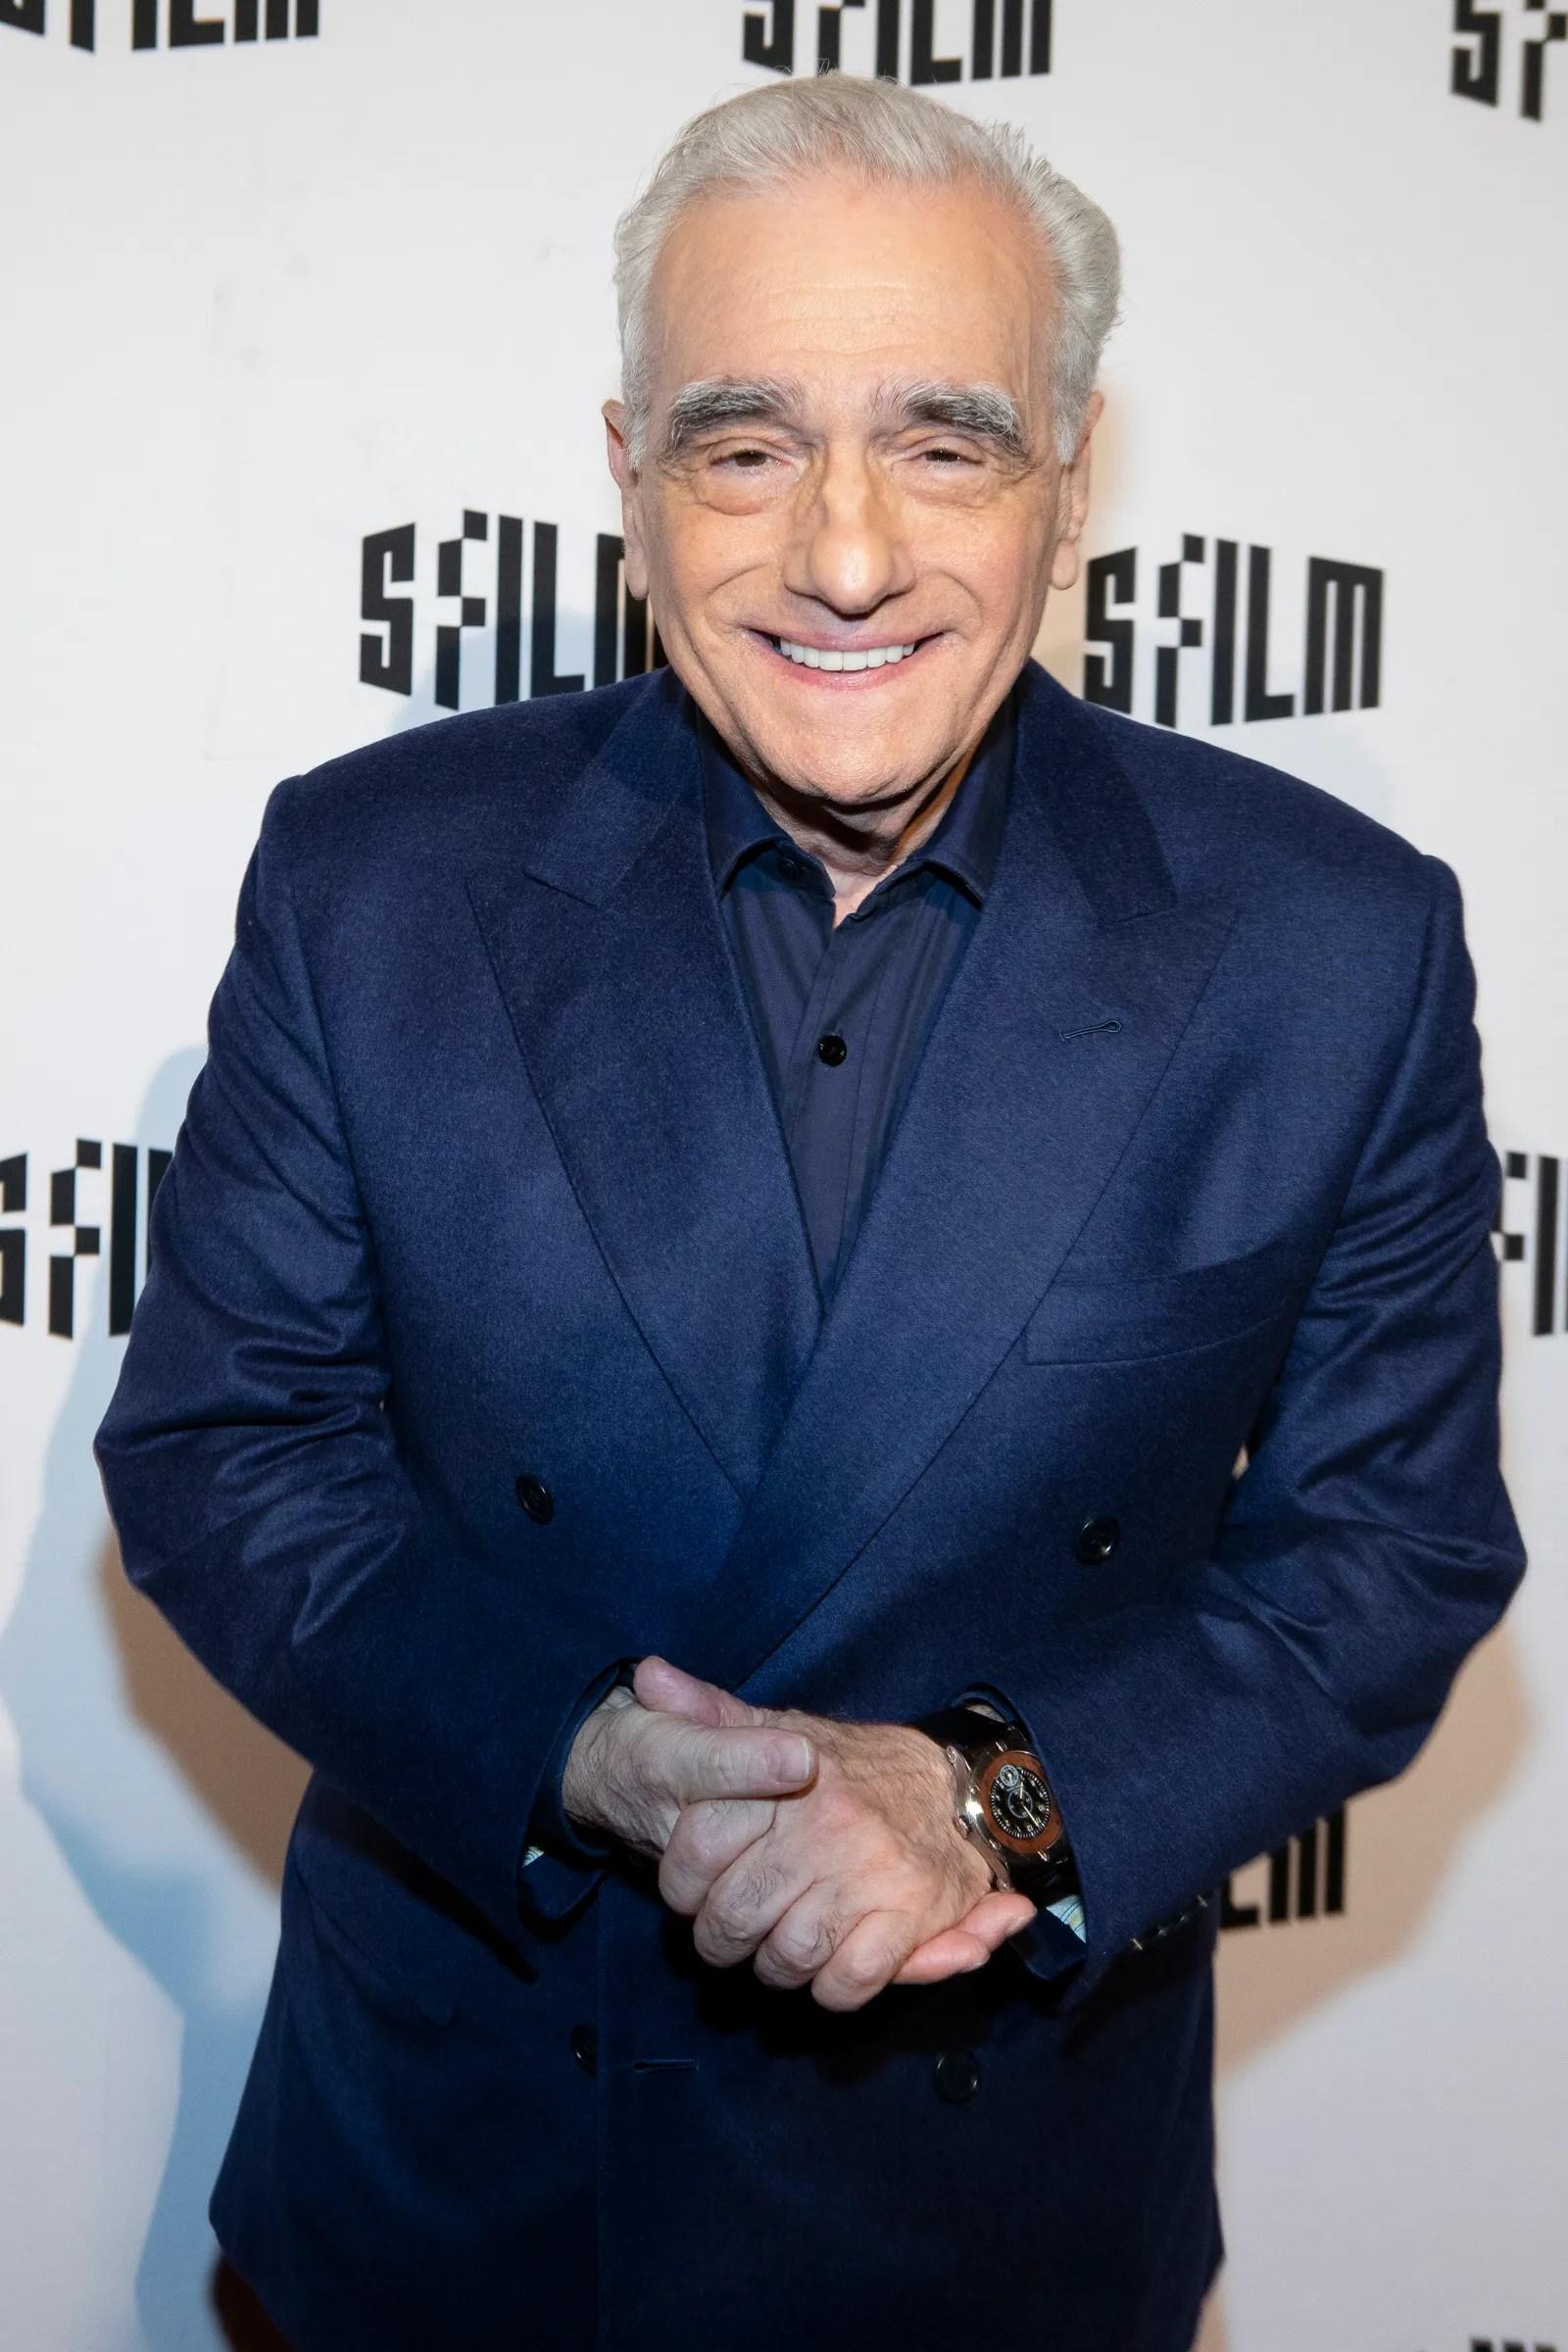 SAN FRANCISCO CA NOVEMBER 05 Martin Scorsese attends the SFFILM premiere of The Irishman at the Castro Theatre on...